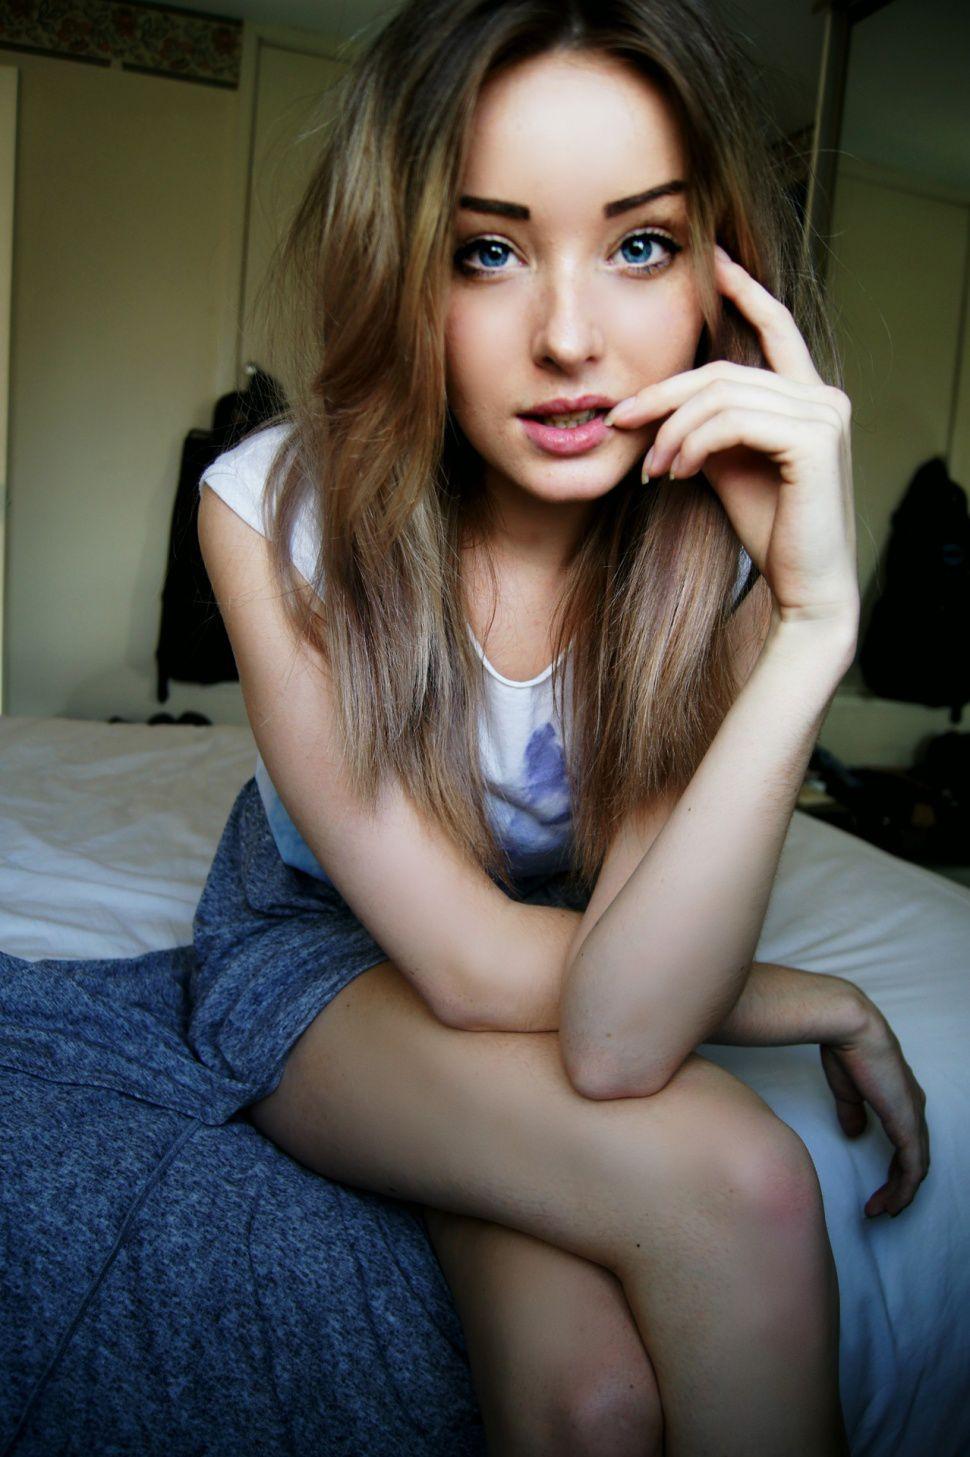 sexy_beautiful_girls_73